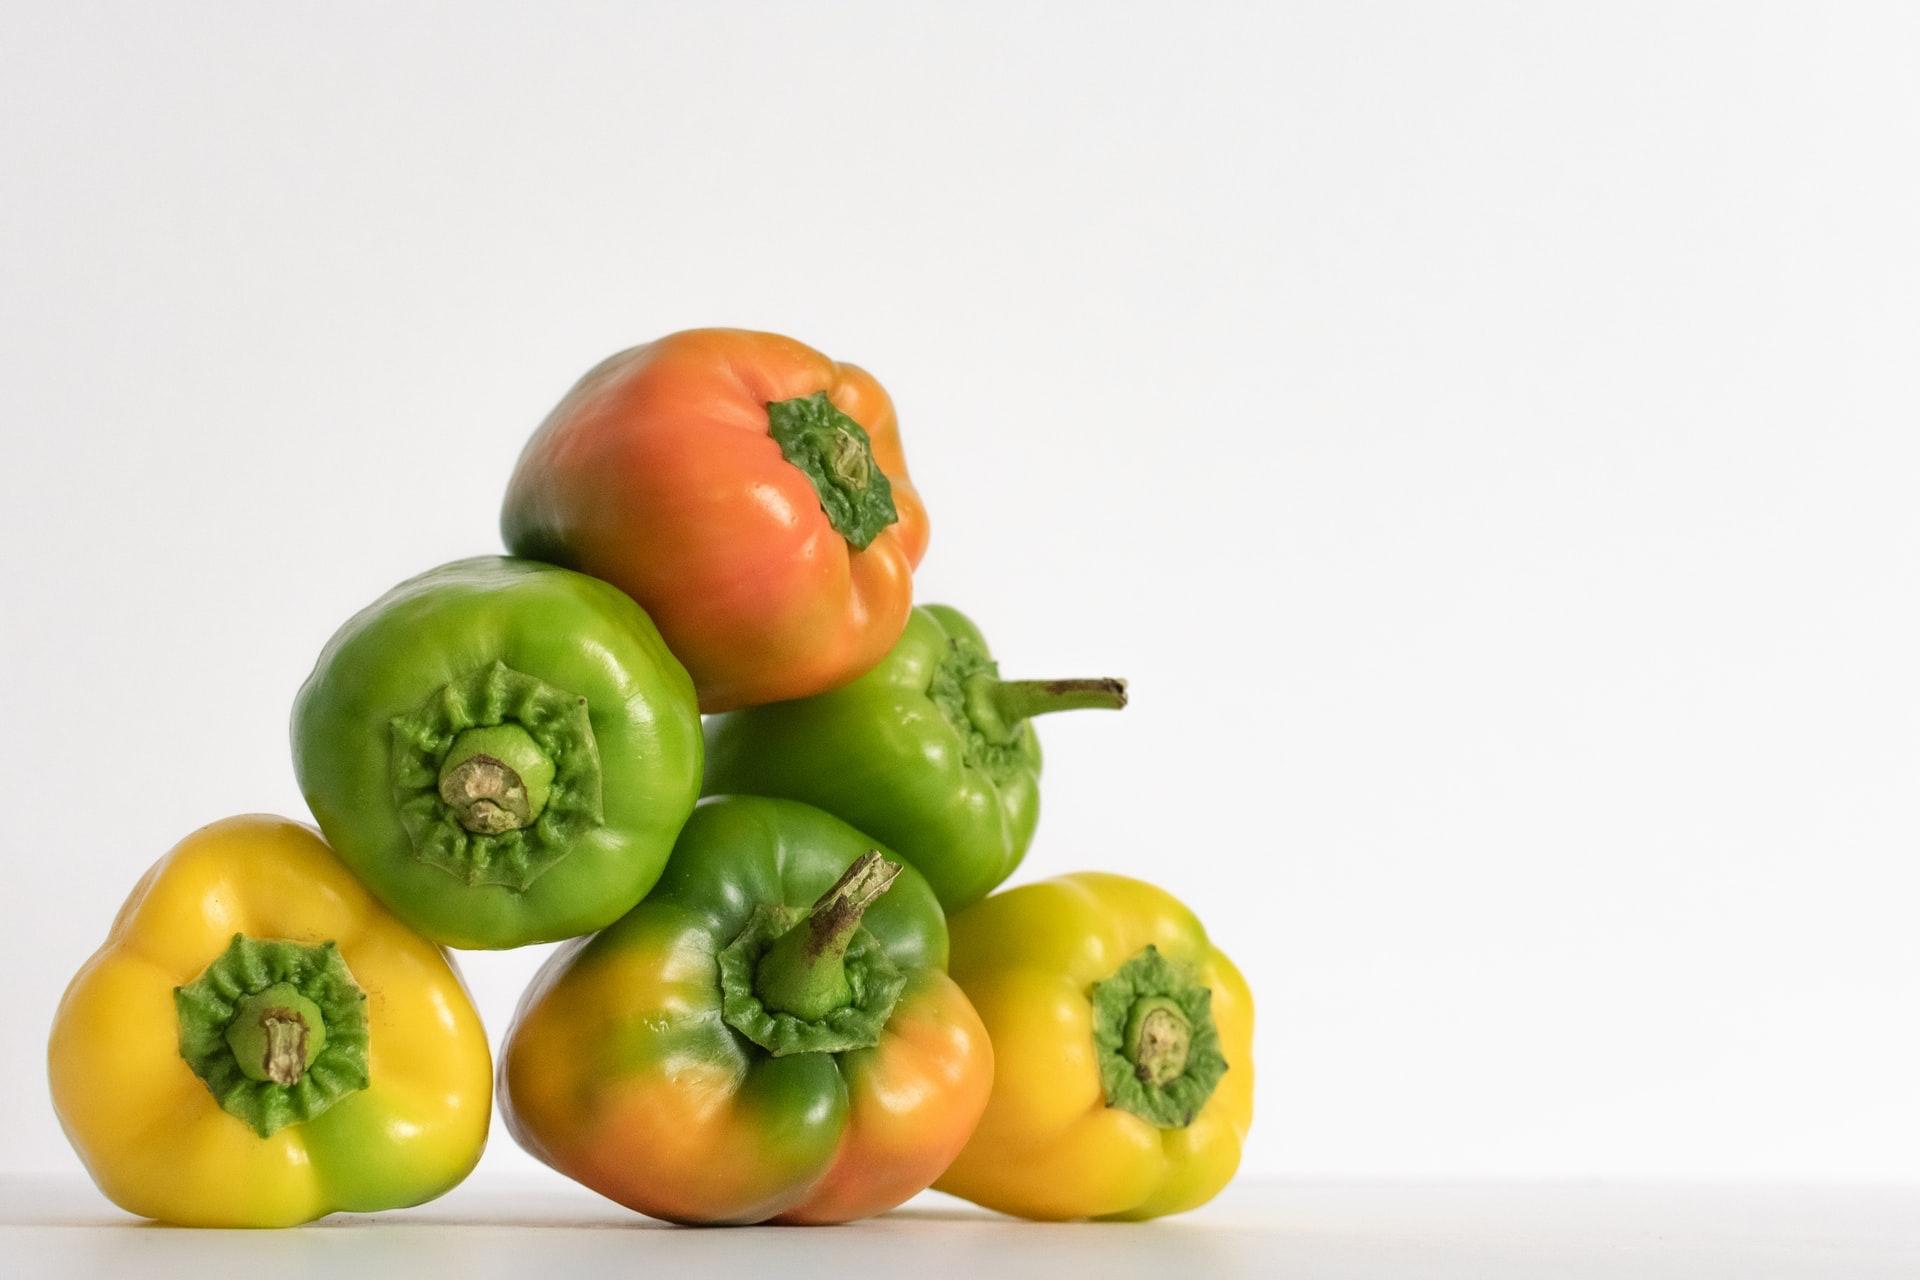 バーベキューでは野菜を丸ごと焼いてかぶりつこう。ピーマンやアスパラがおすすめ。